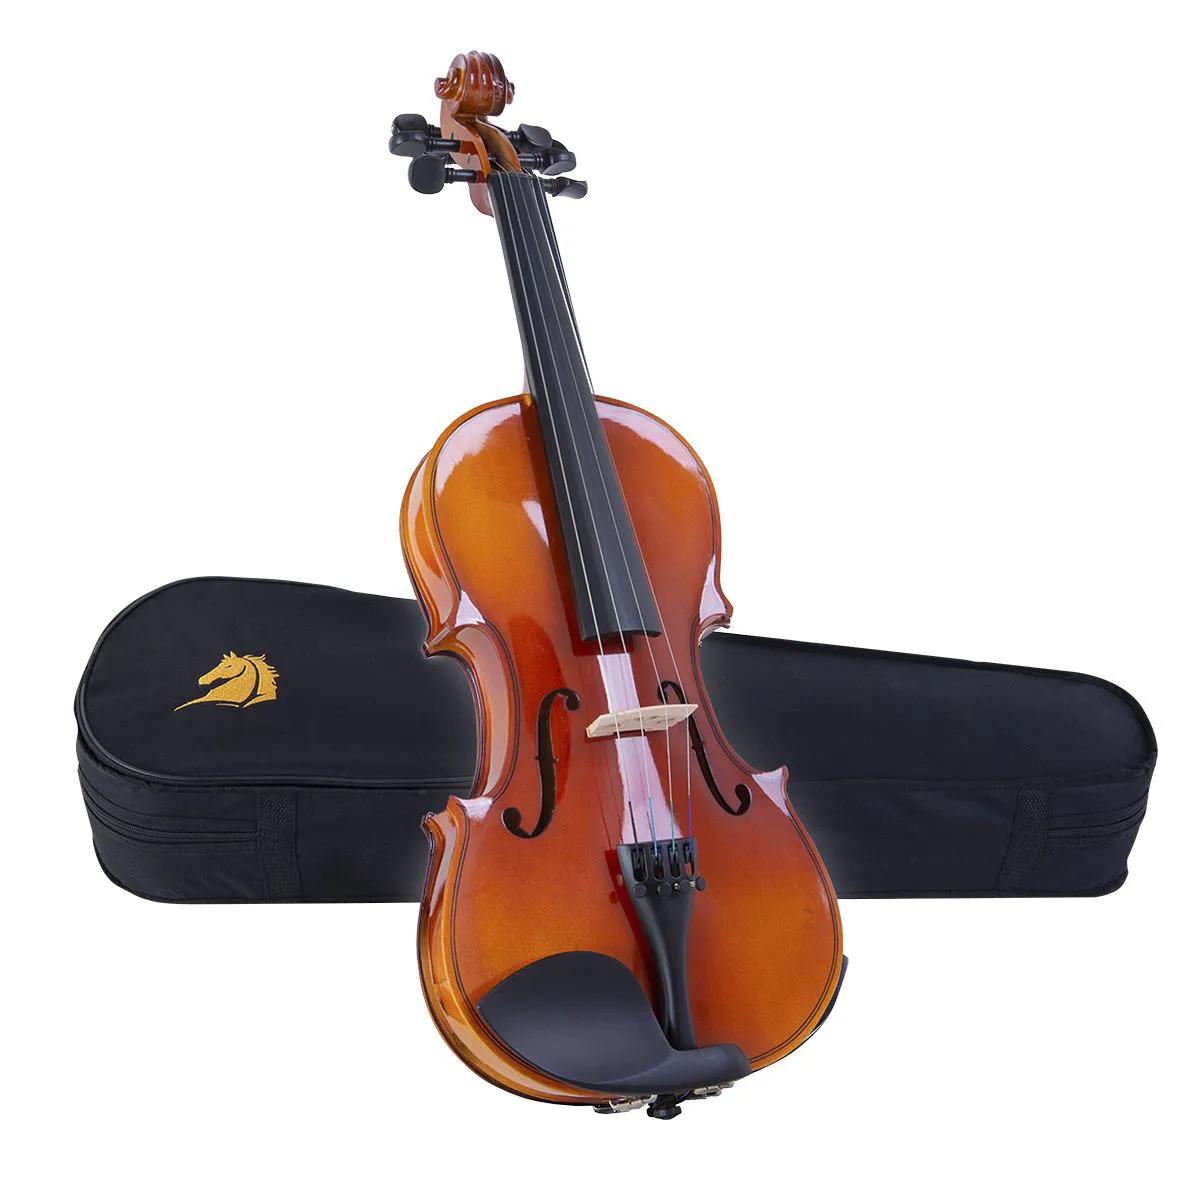 Violino Acústico Marquês VIN-123 4/4 Natural com Estojo